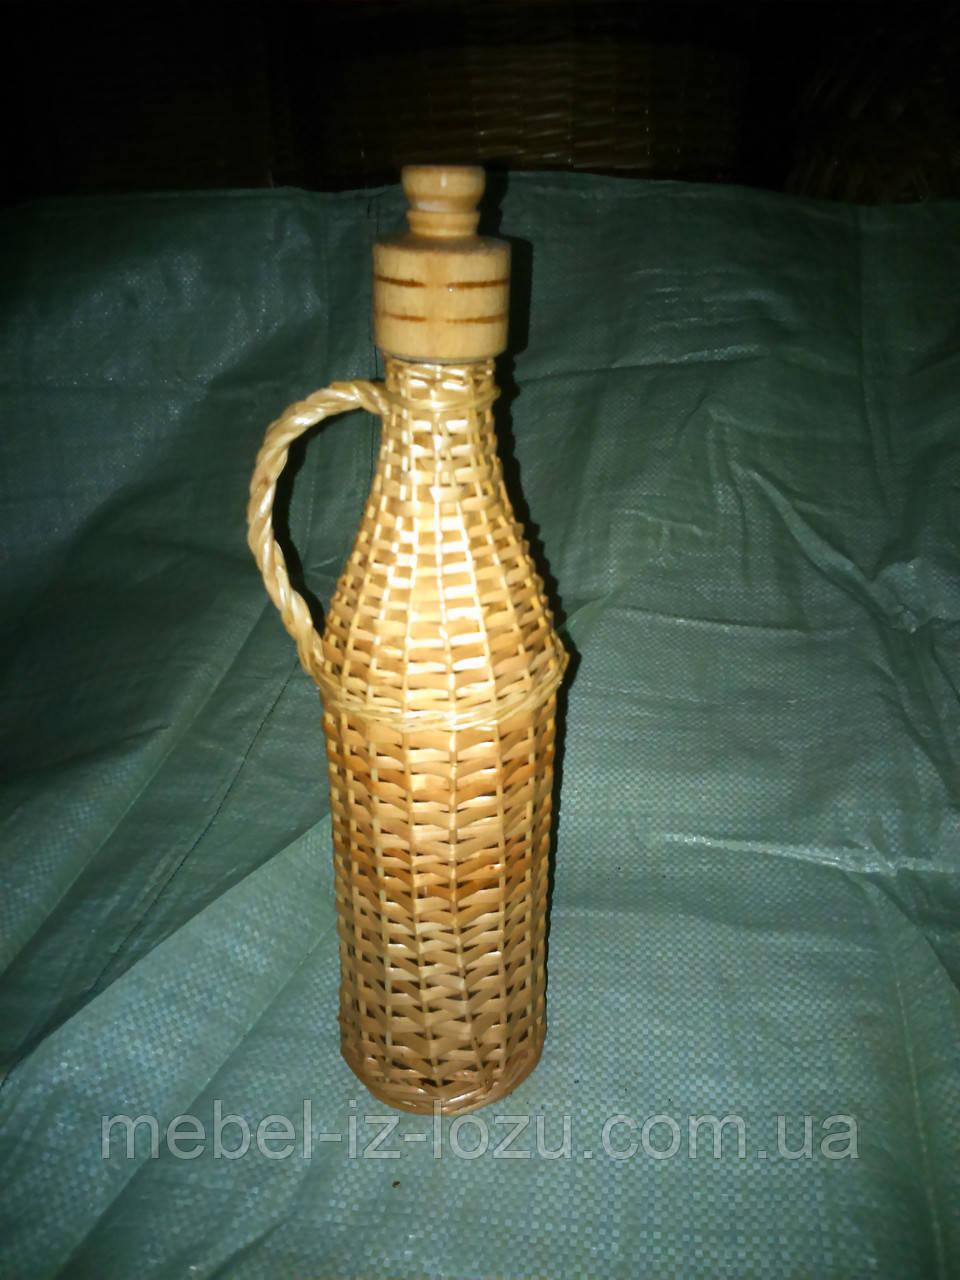 Бутылка для самогона или вина 0,5 л. - Мебель из лозы --- Интернет-магазин изделий из лозы в Закарпатской области